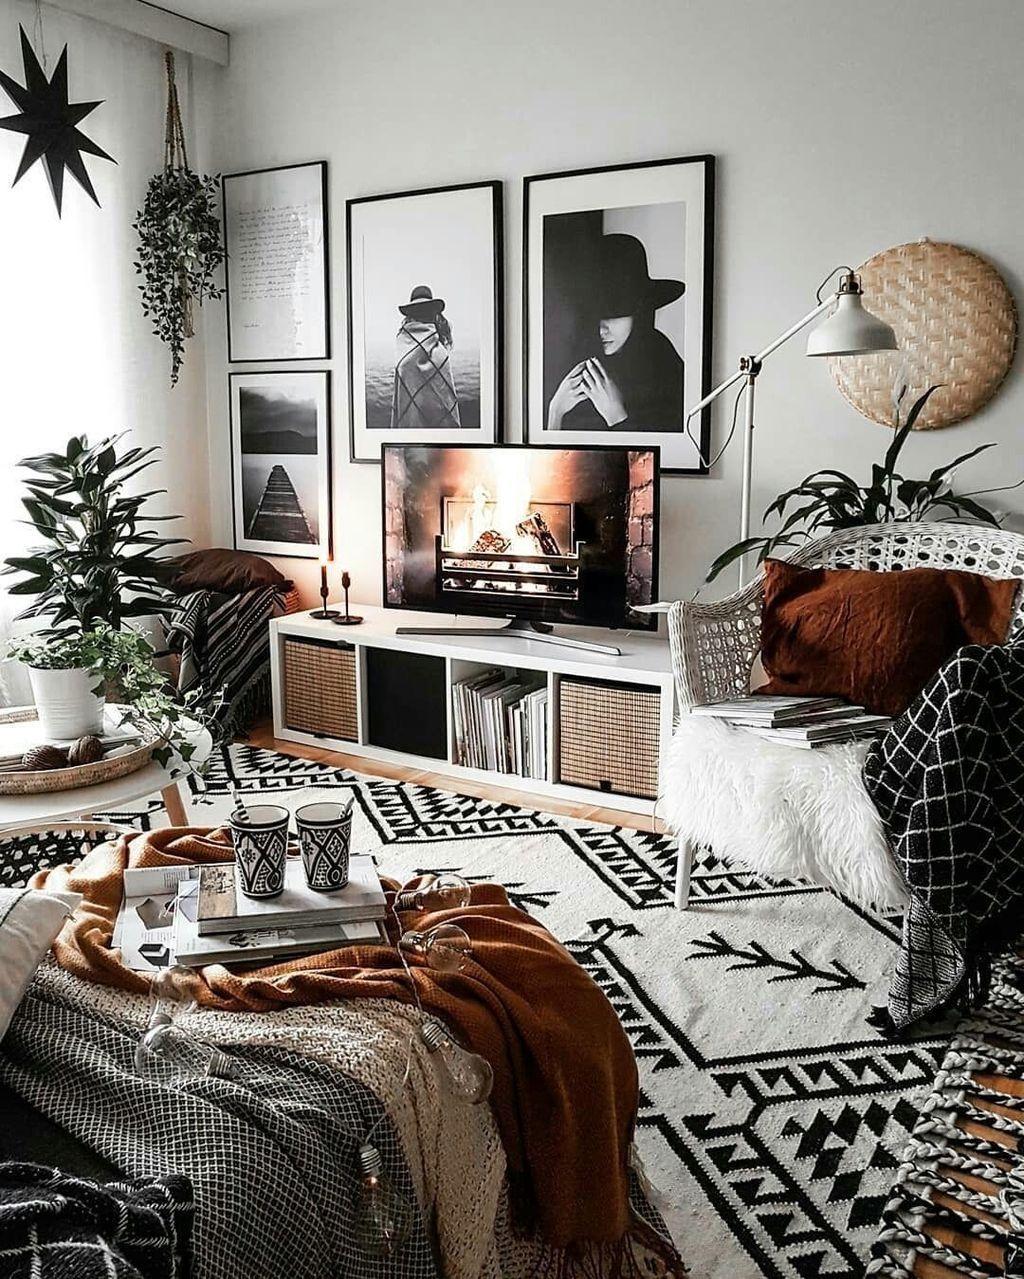 40 Adorable Home Interior Design Ideas To Try Home Decor Boho